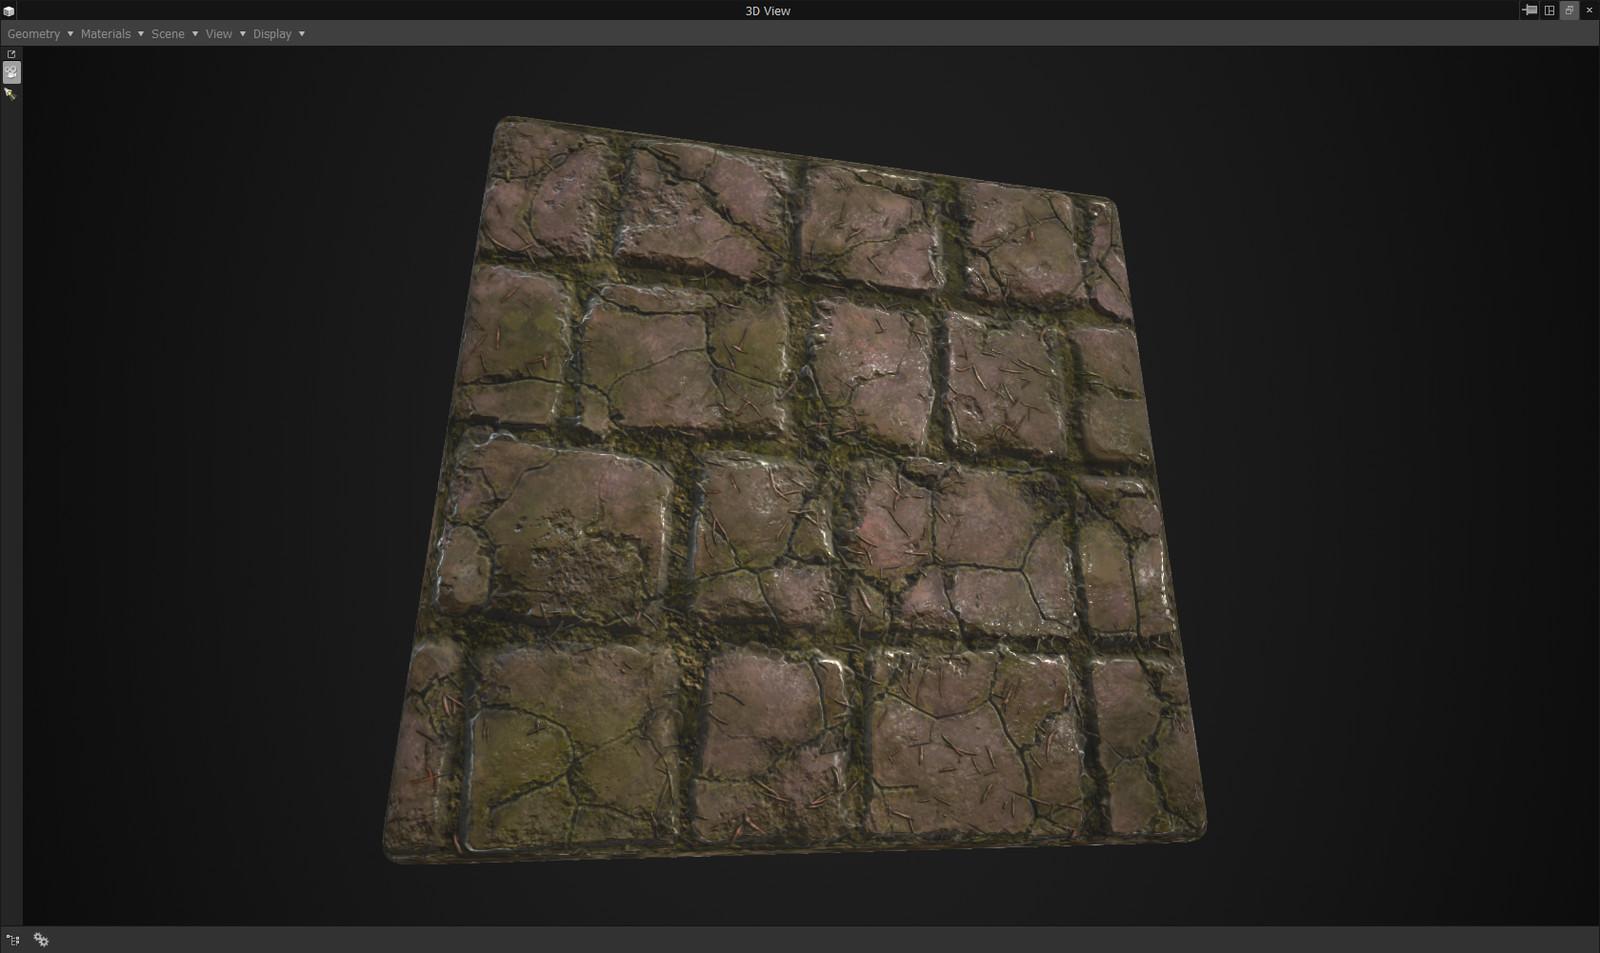 Substance Designer - 100% procedural stone tiles